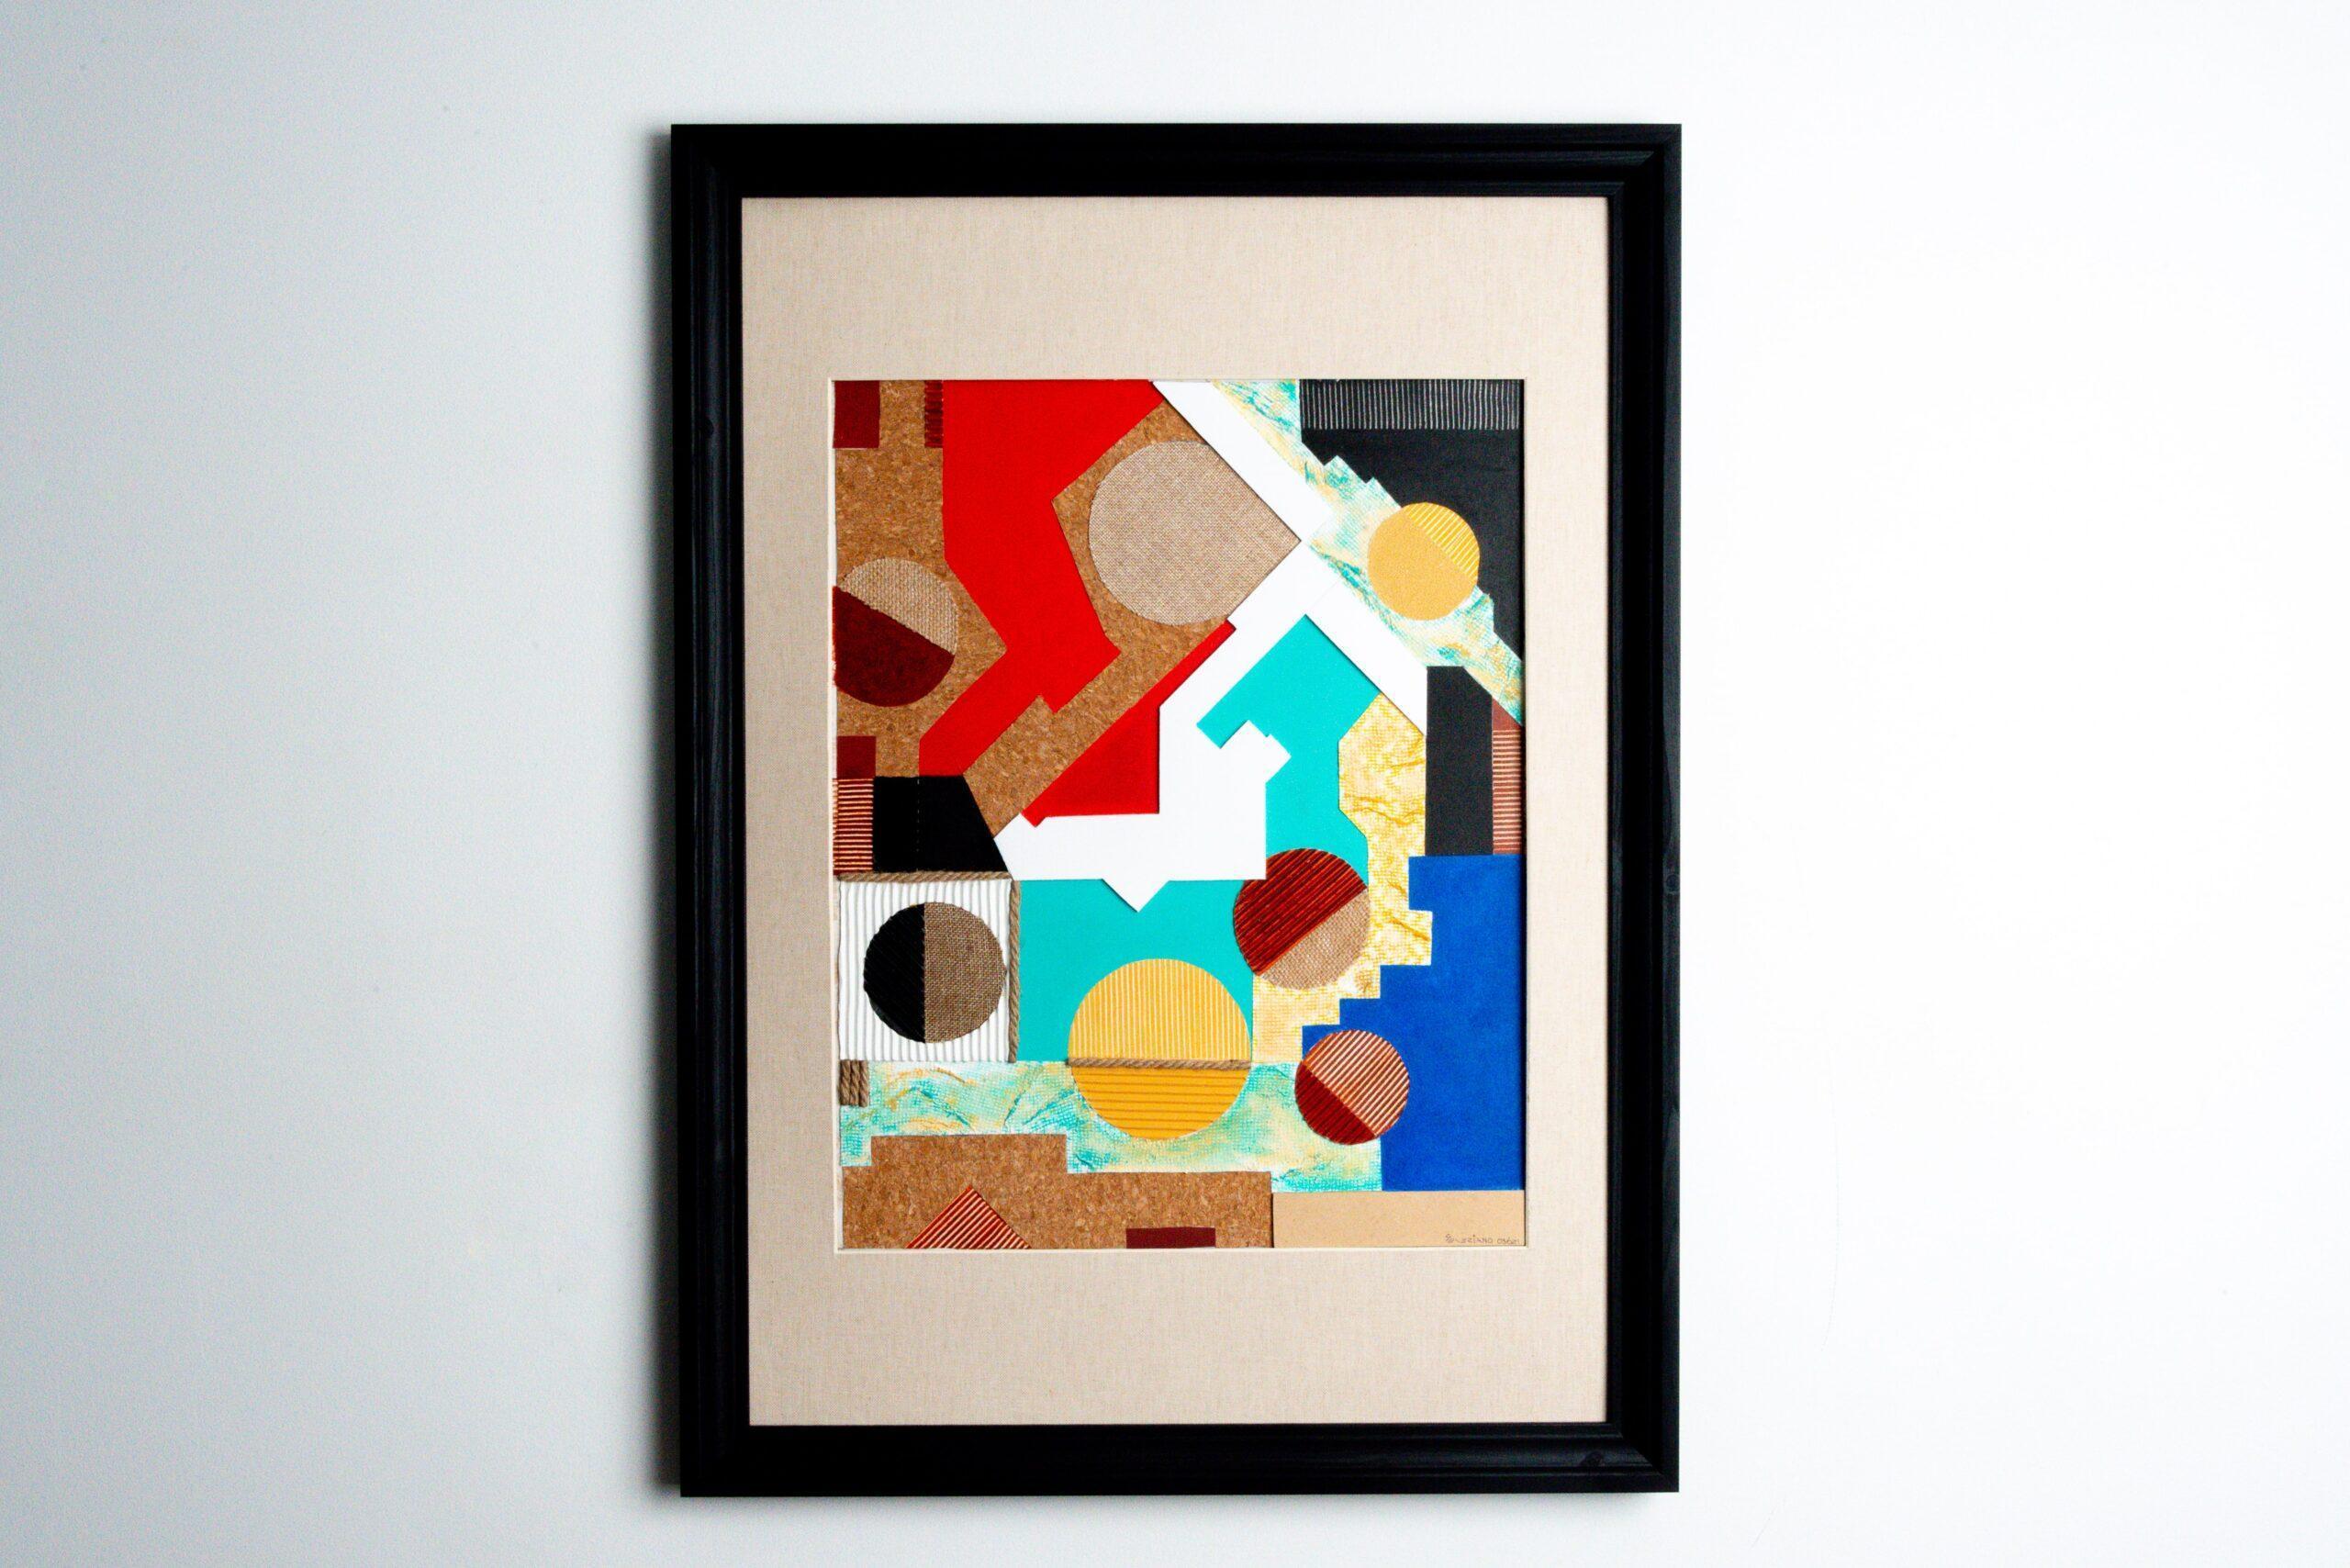 Obras de Arte e Quadros de José Severiano Bolero